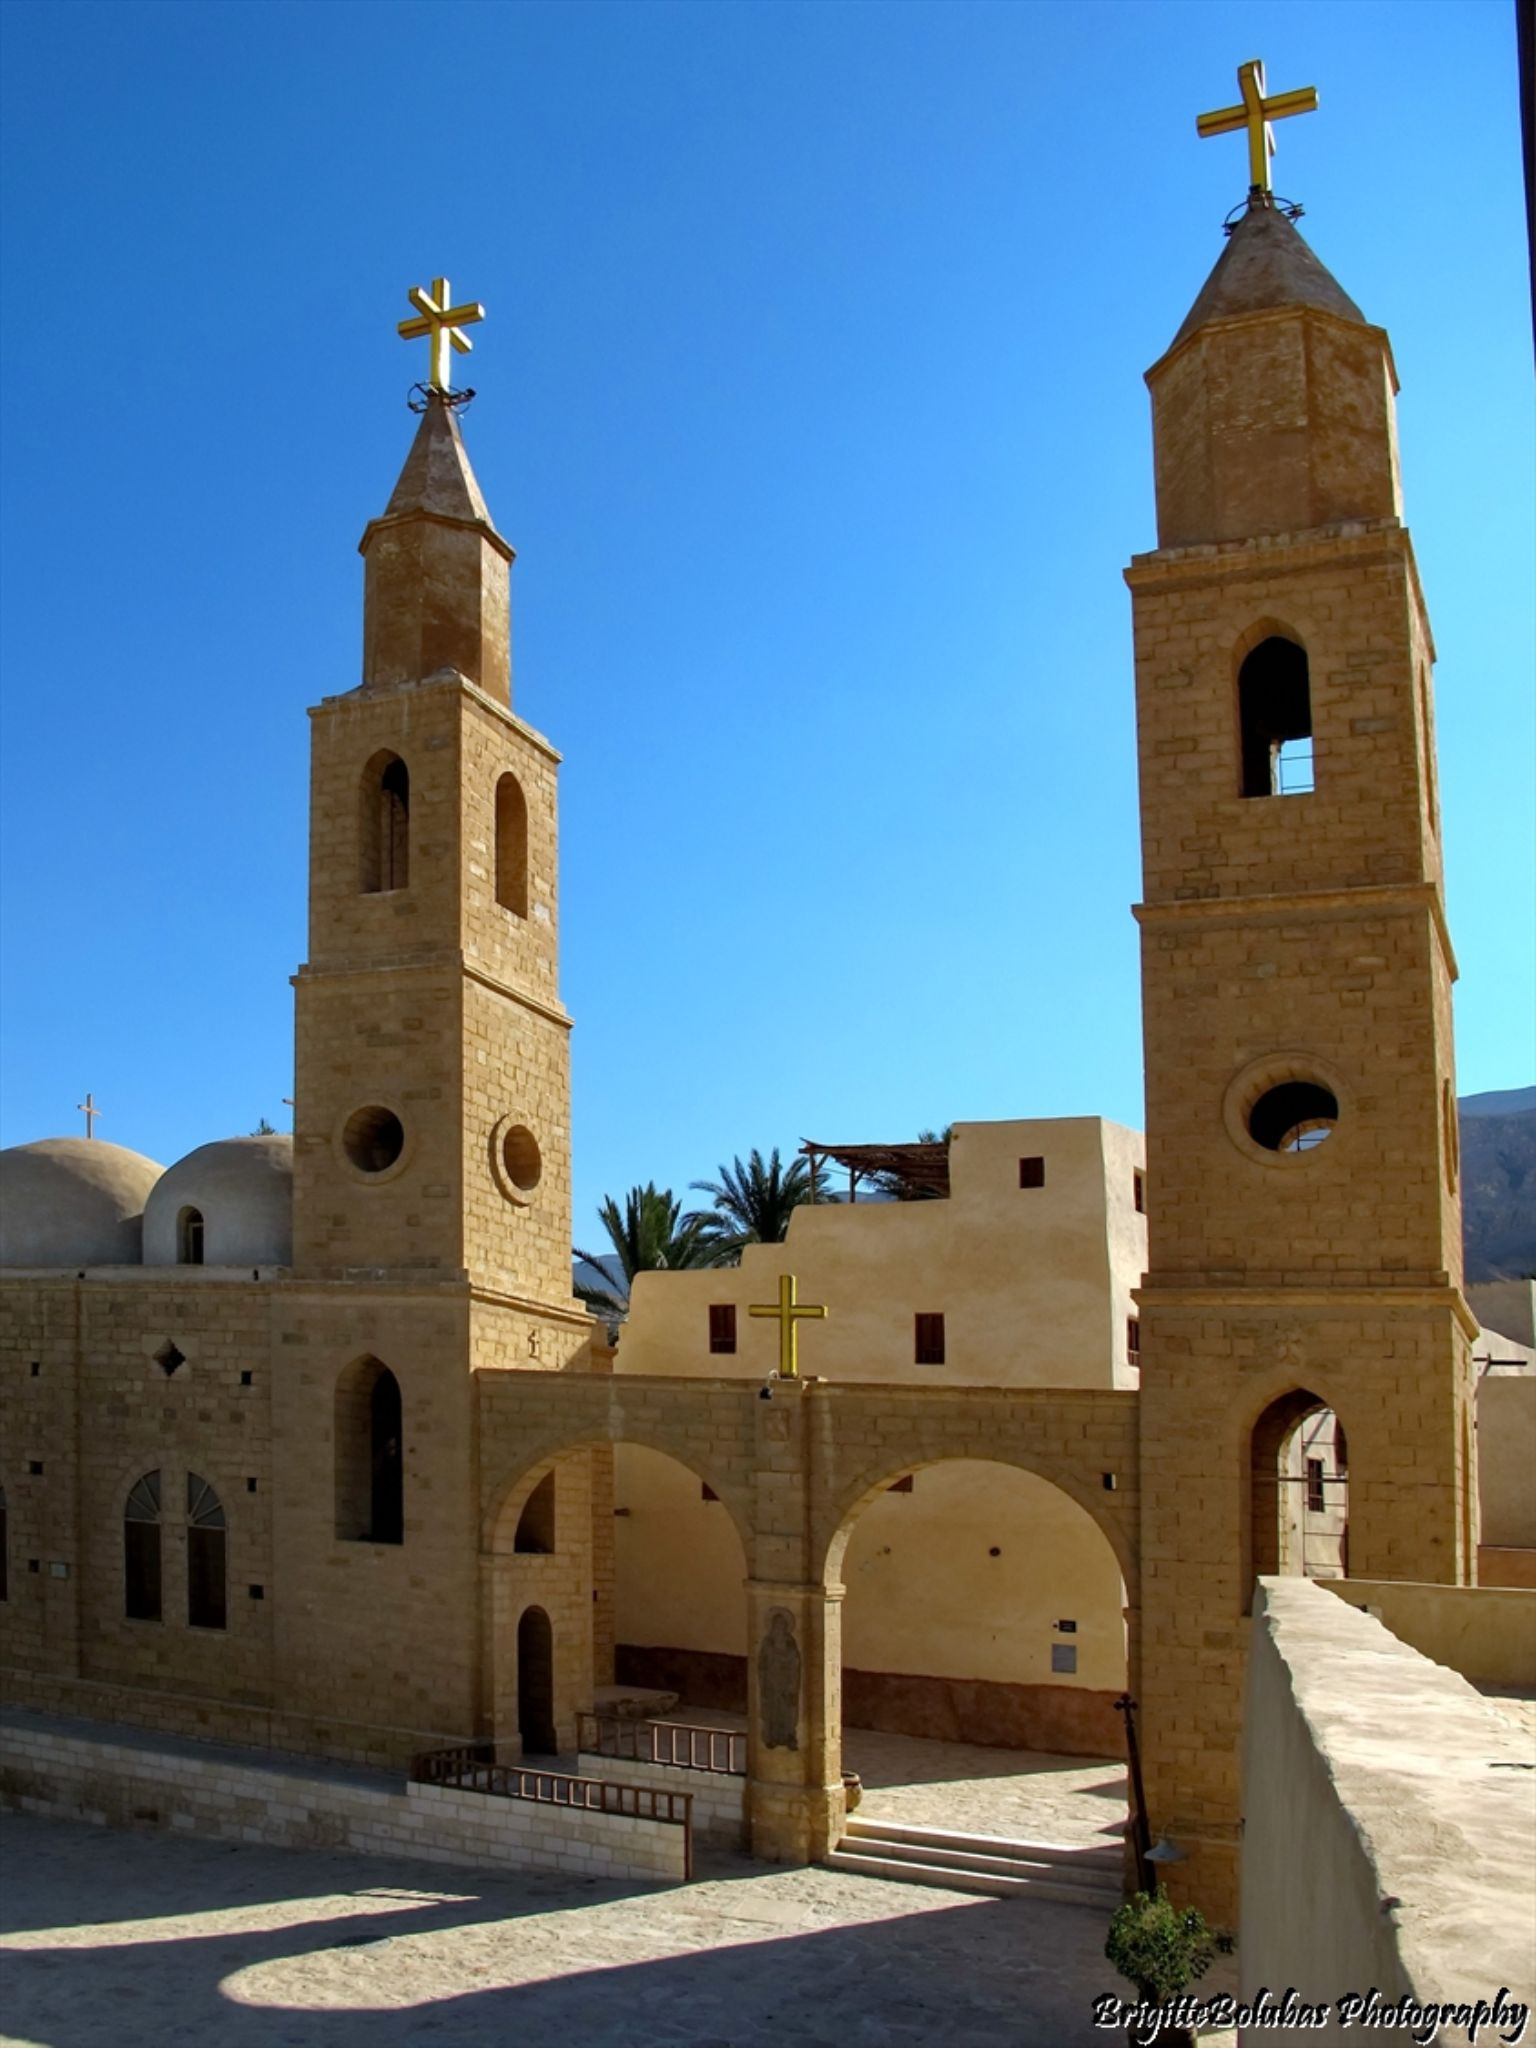 St. Anthony Monastery by LiliomToursBrigitta